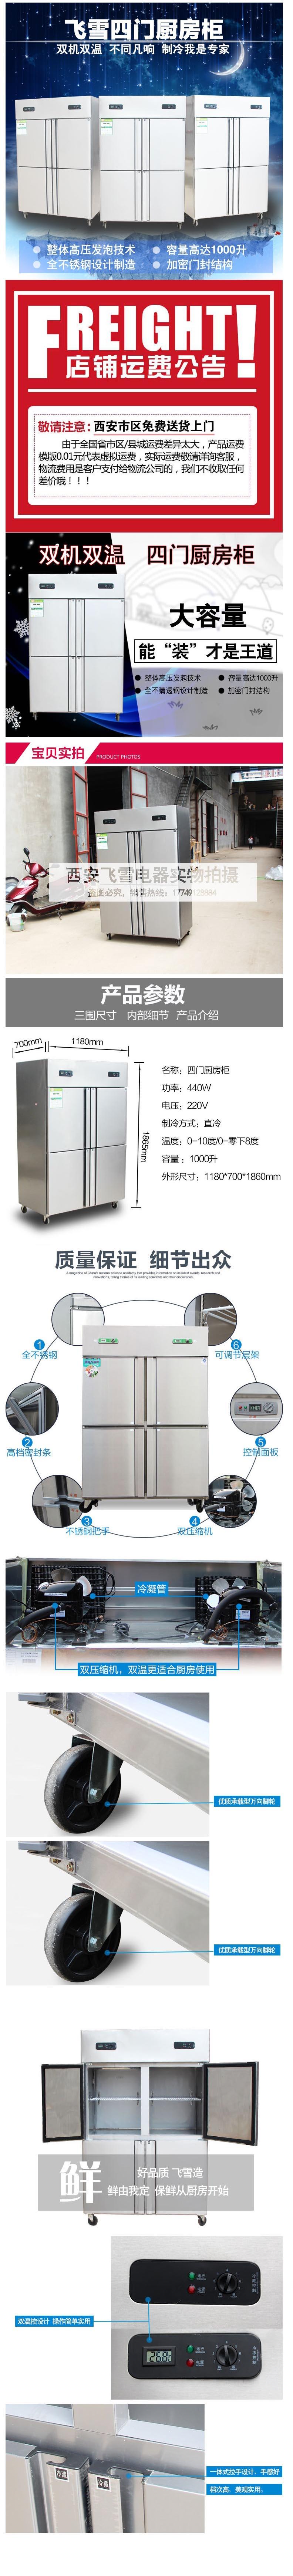 西安廚房不鏽鋼冷櫃